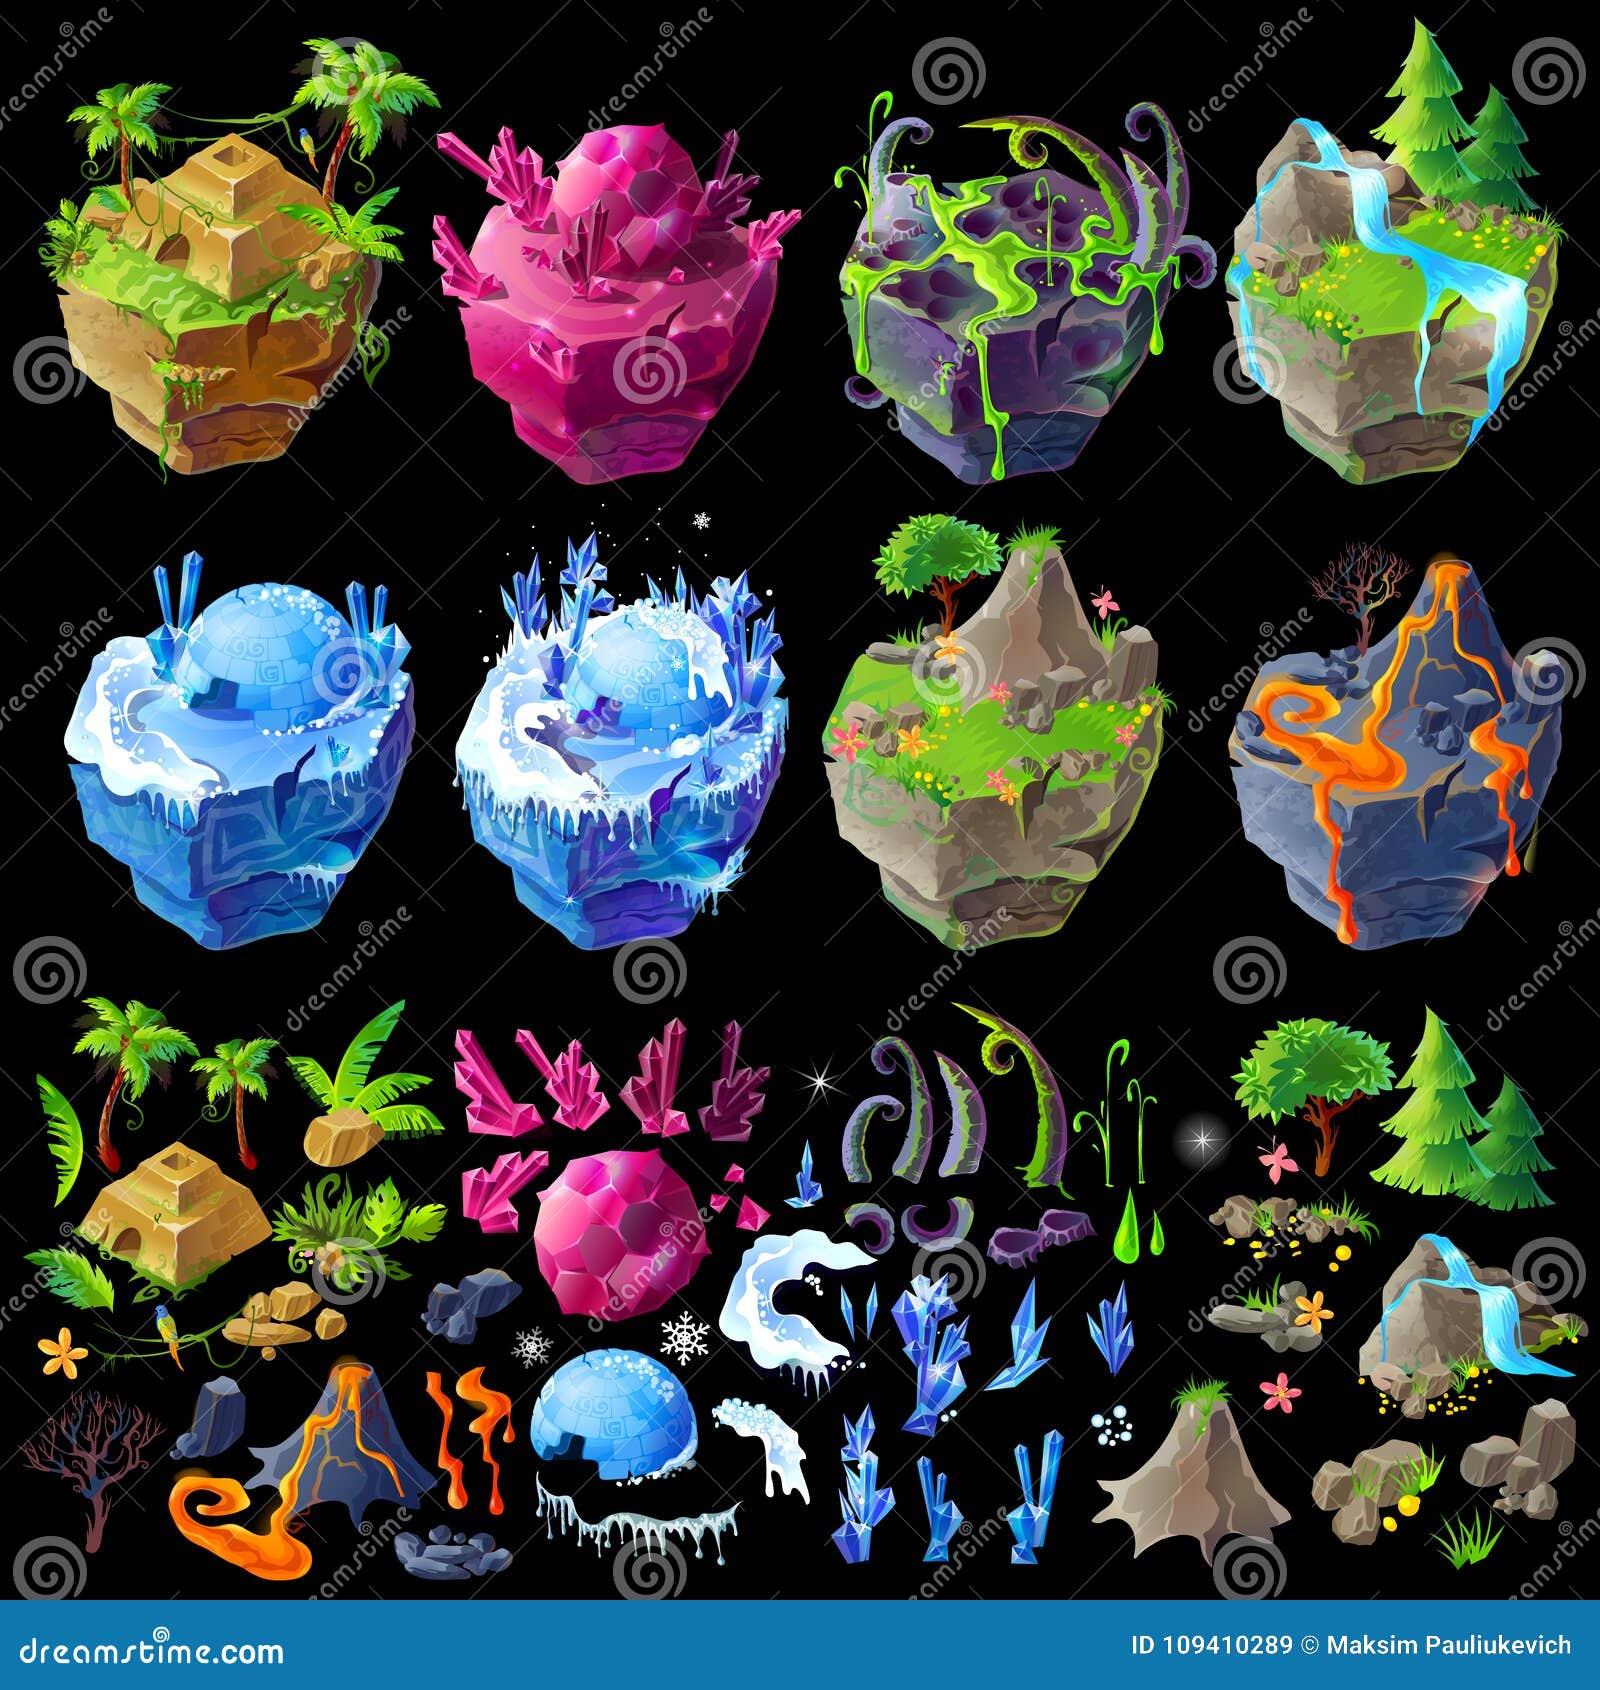 Vector isometric 3d fantastic islands, details for gui, game design. Cartoon illustration of different landscapes